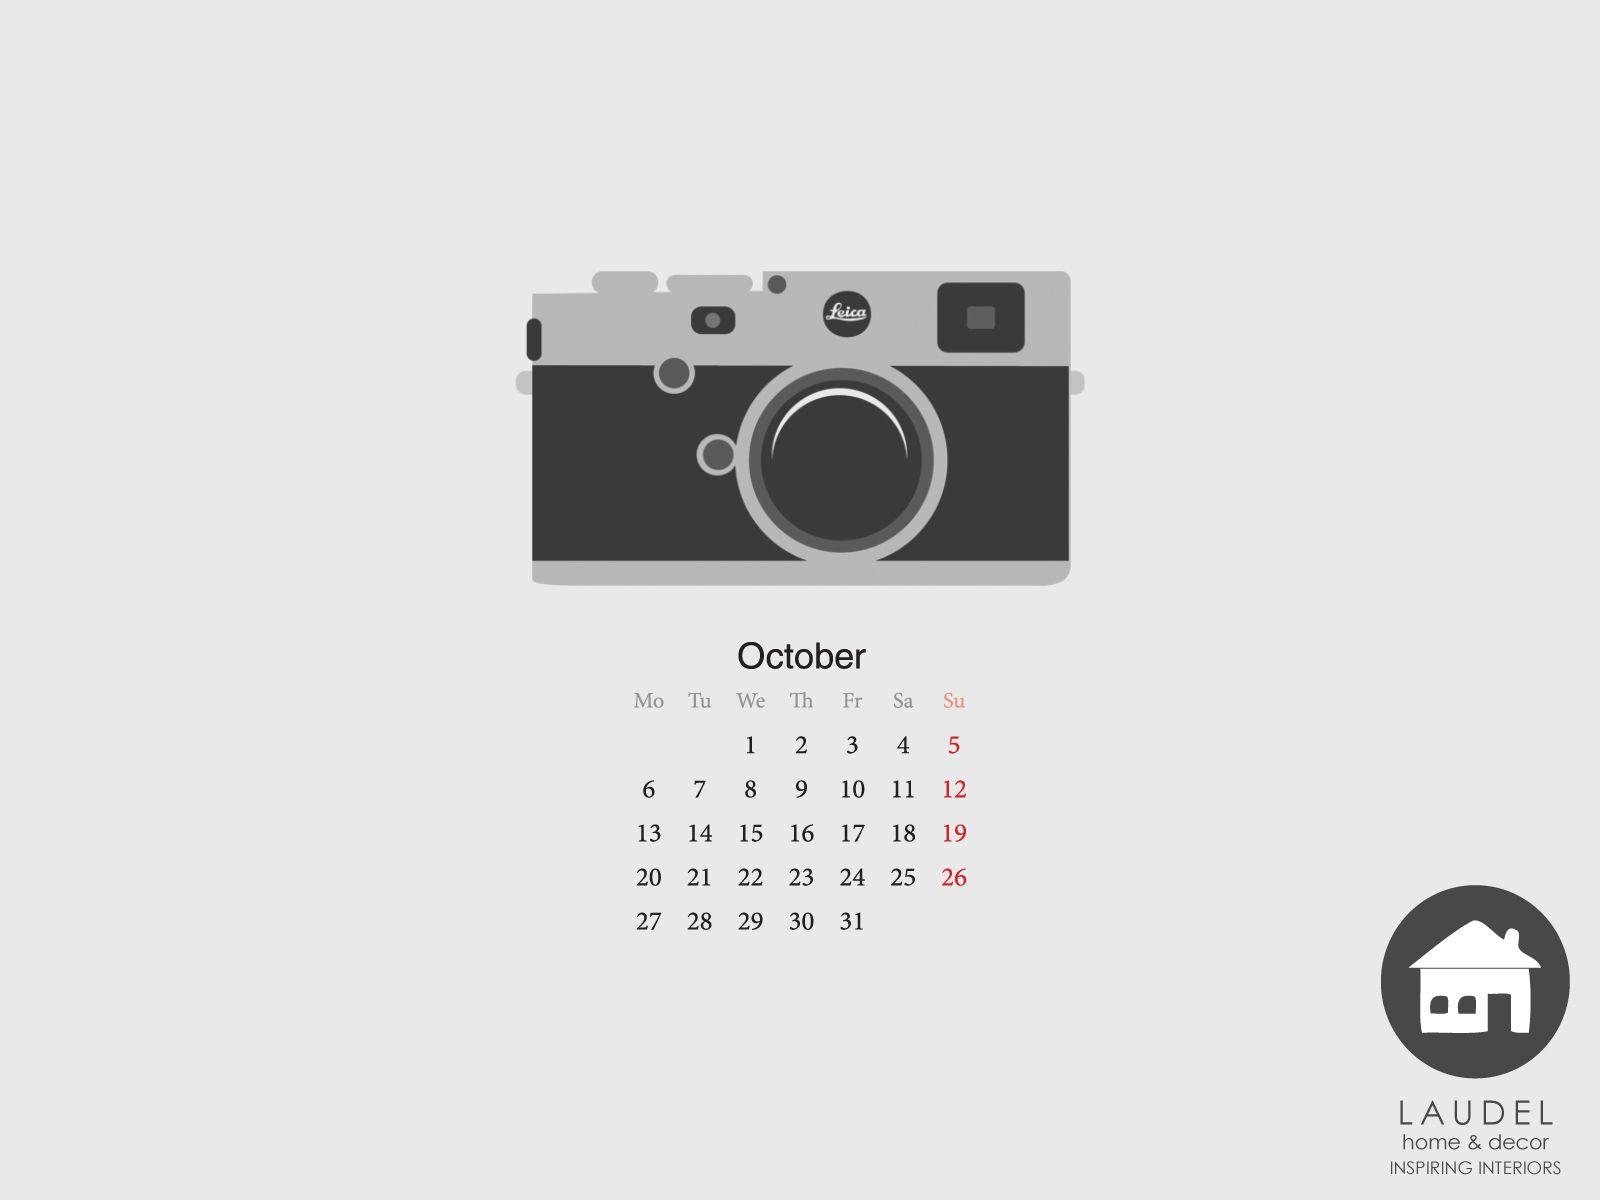 Compartimos con ustedes el calendario 2014 de Laudel home & decor - Inspiring Interiors. Les recordamos que pueden utilizar libremente nuestro diseño siempre y cuando nos menciones como sus creadoras